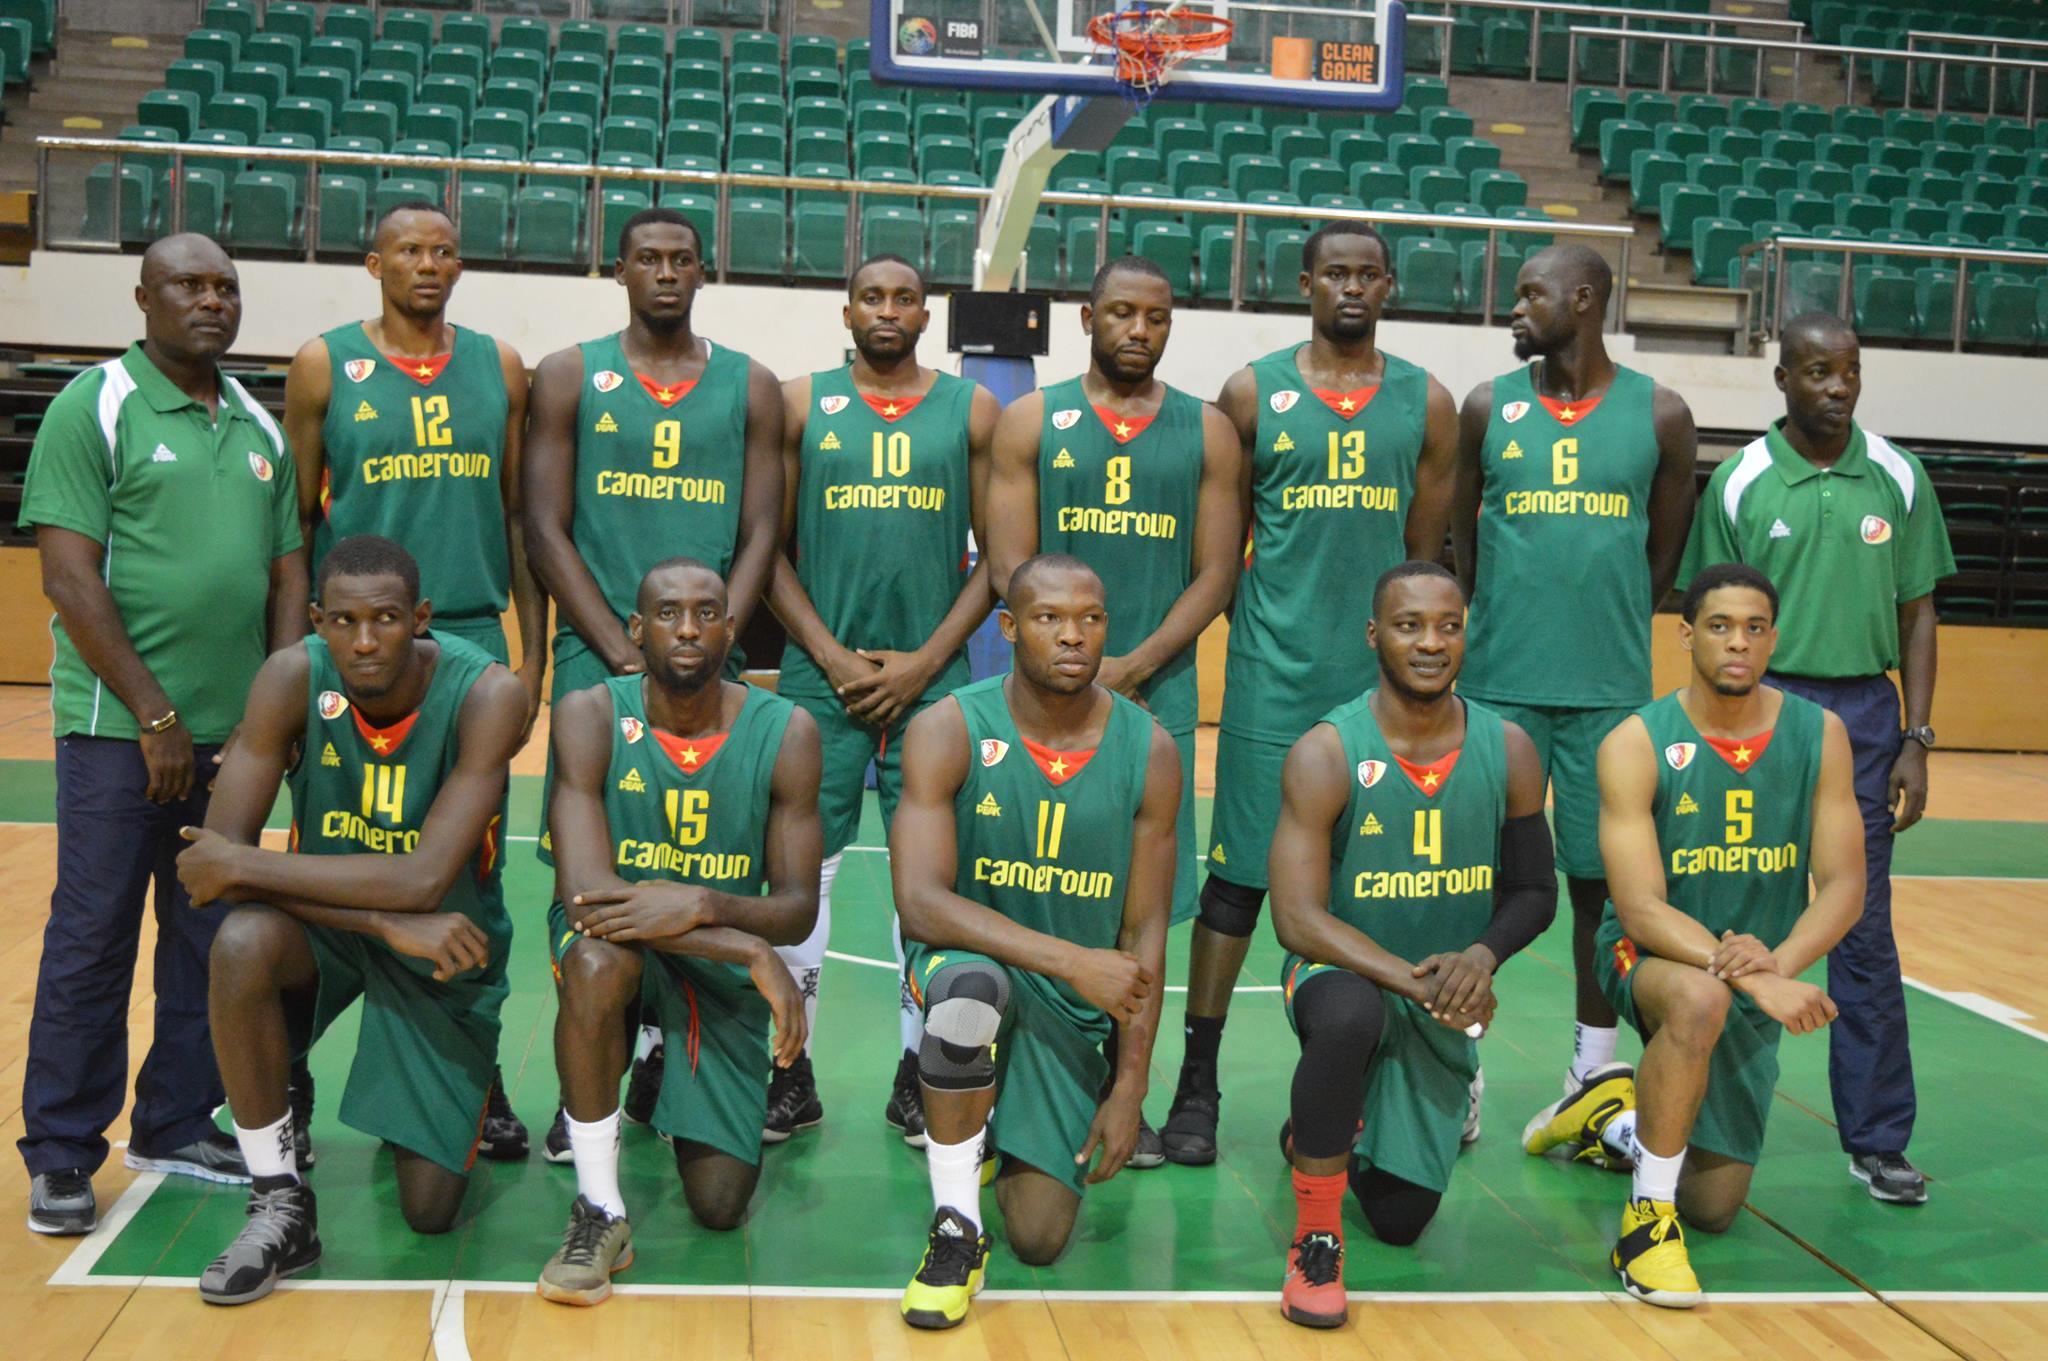 Mondial basketball 2019 quafif le cameroun fix sur ses adversaires camerounsports - Coupe du monde de basket ...